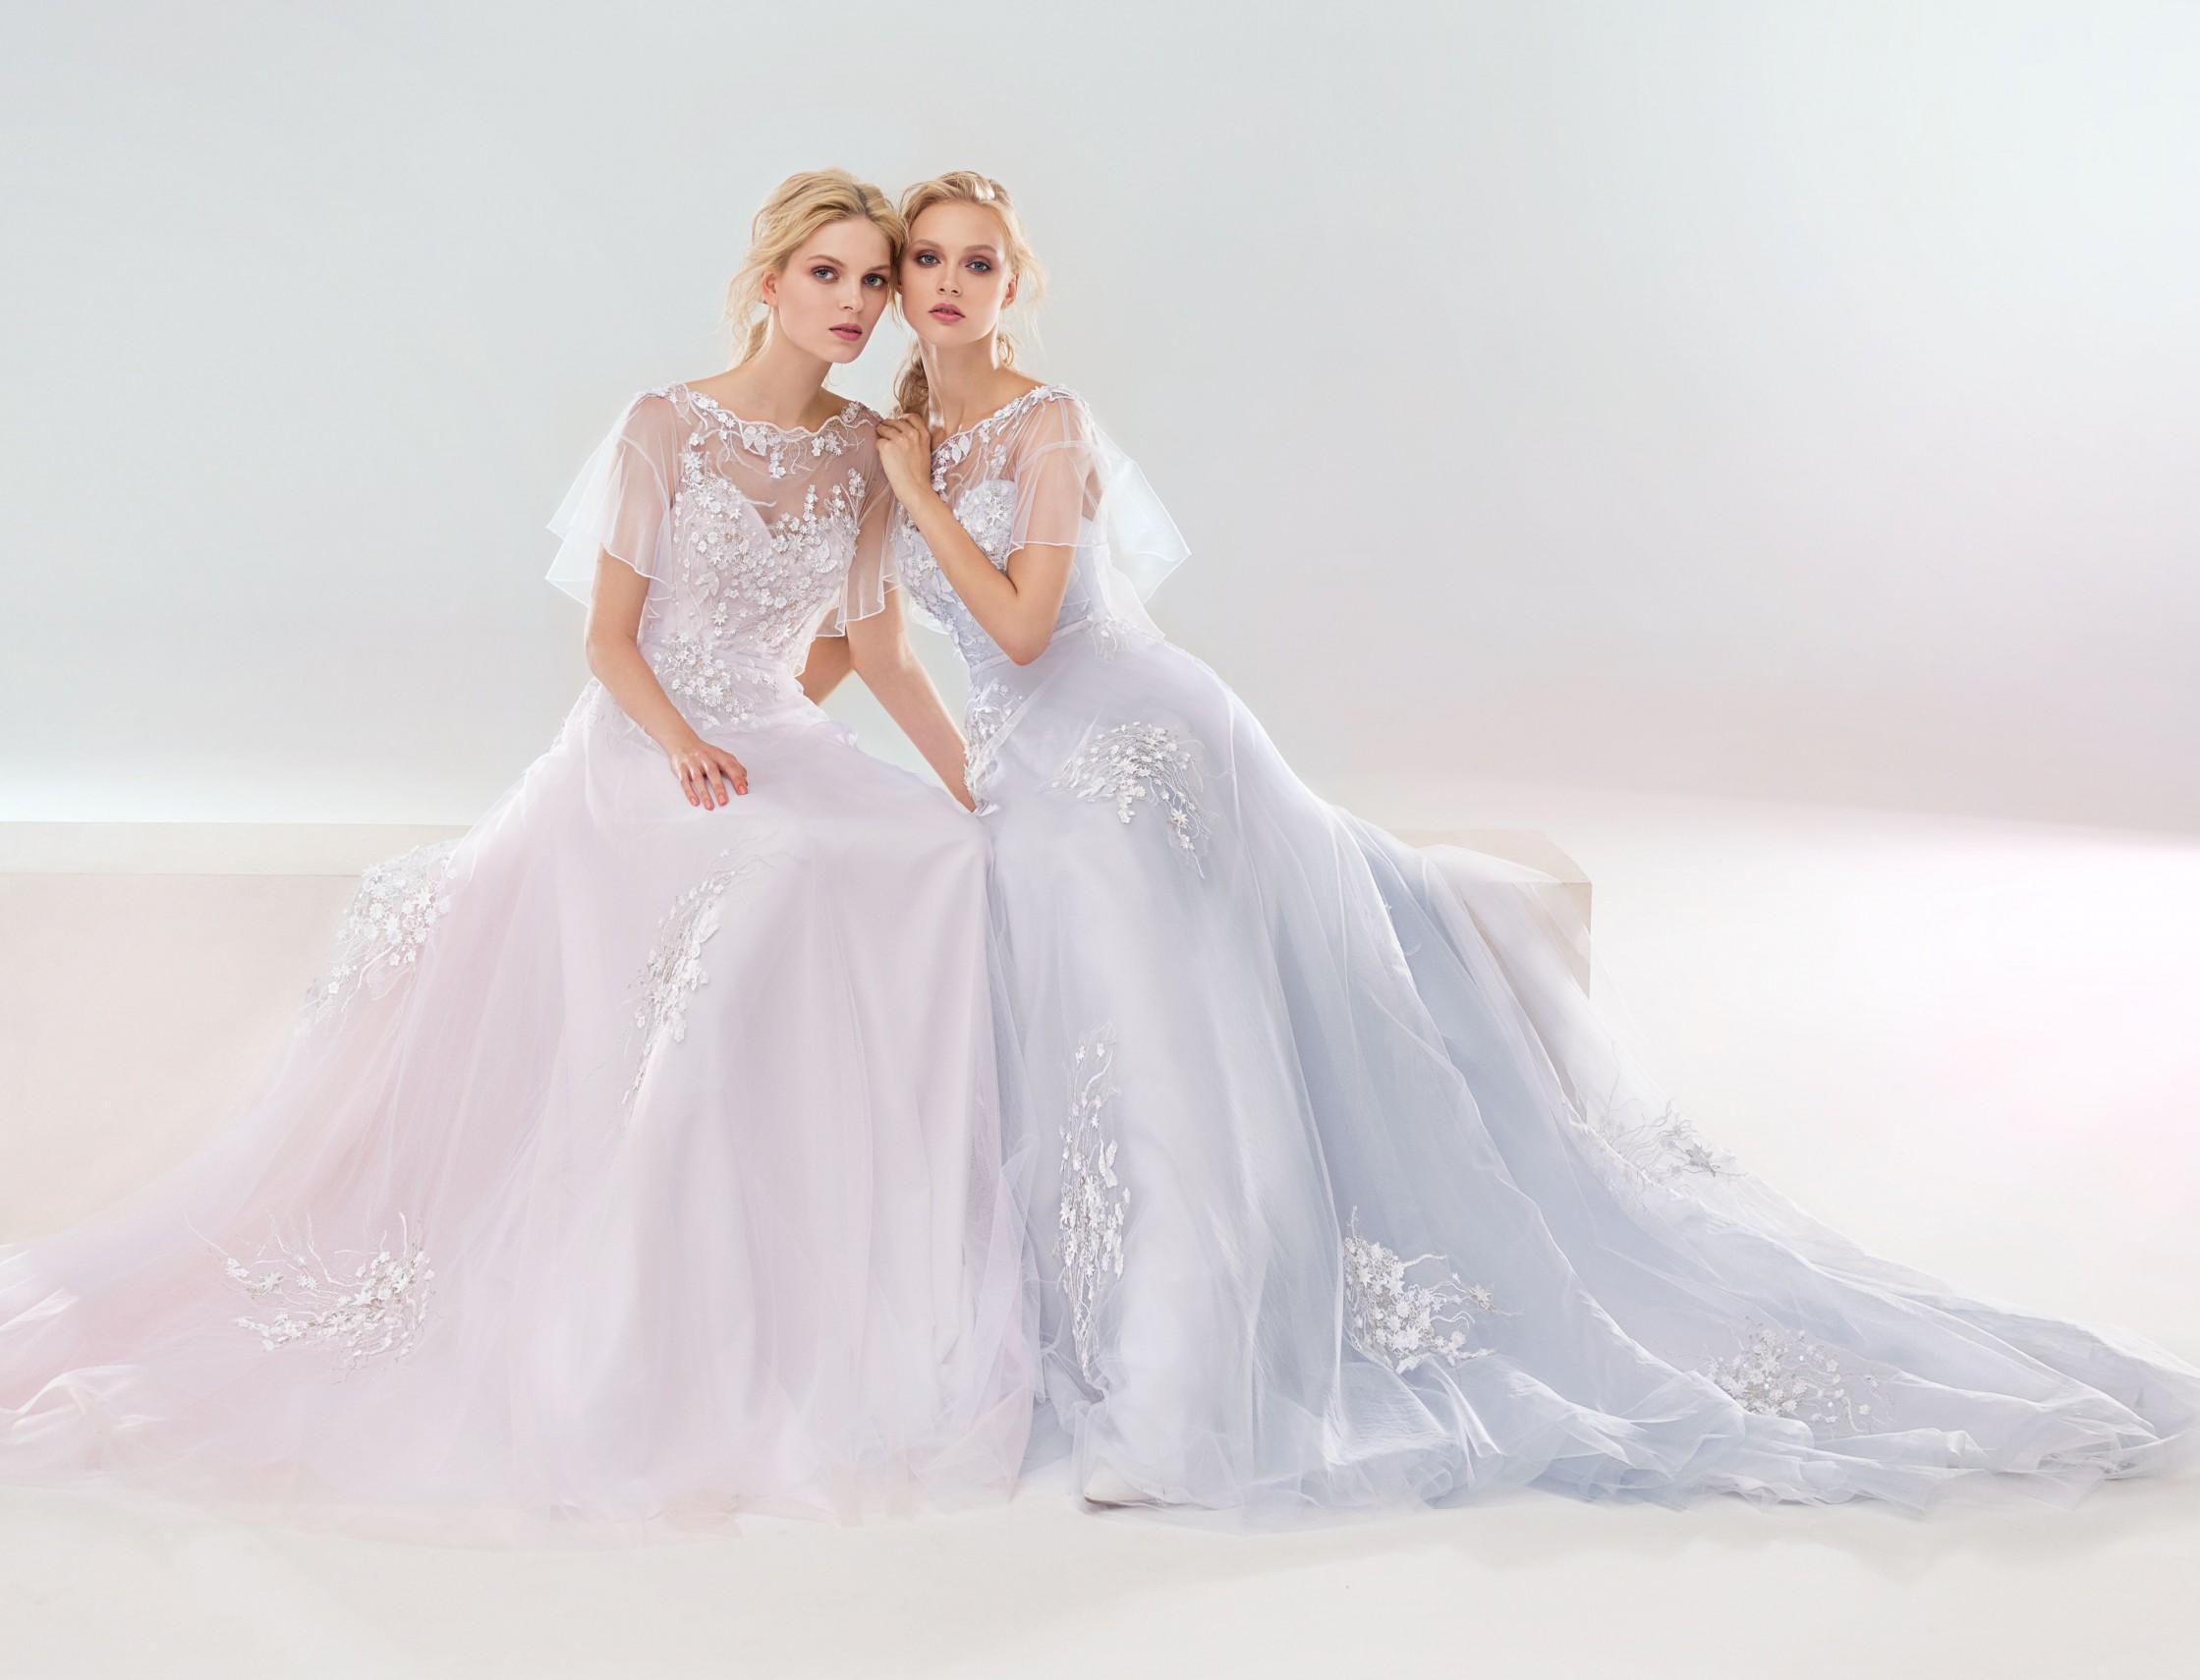 Проект re-dress соберет ненужные свадебные платья и аксессуары